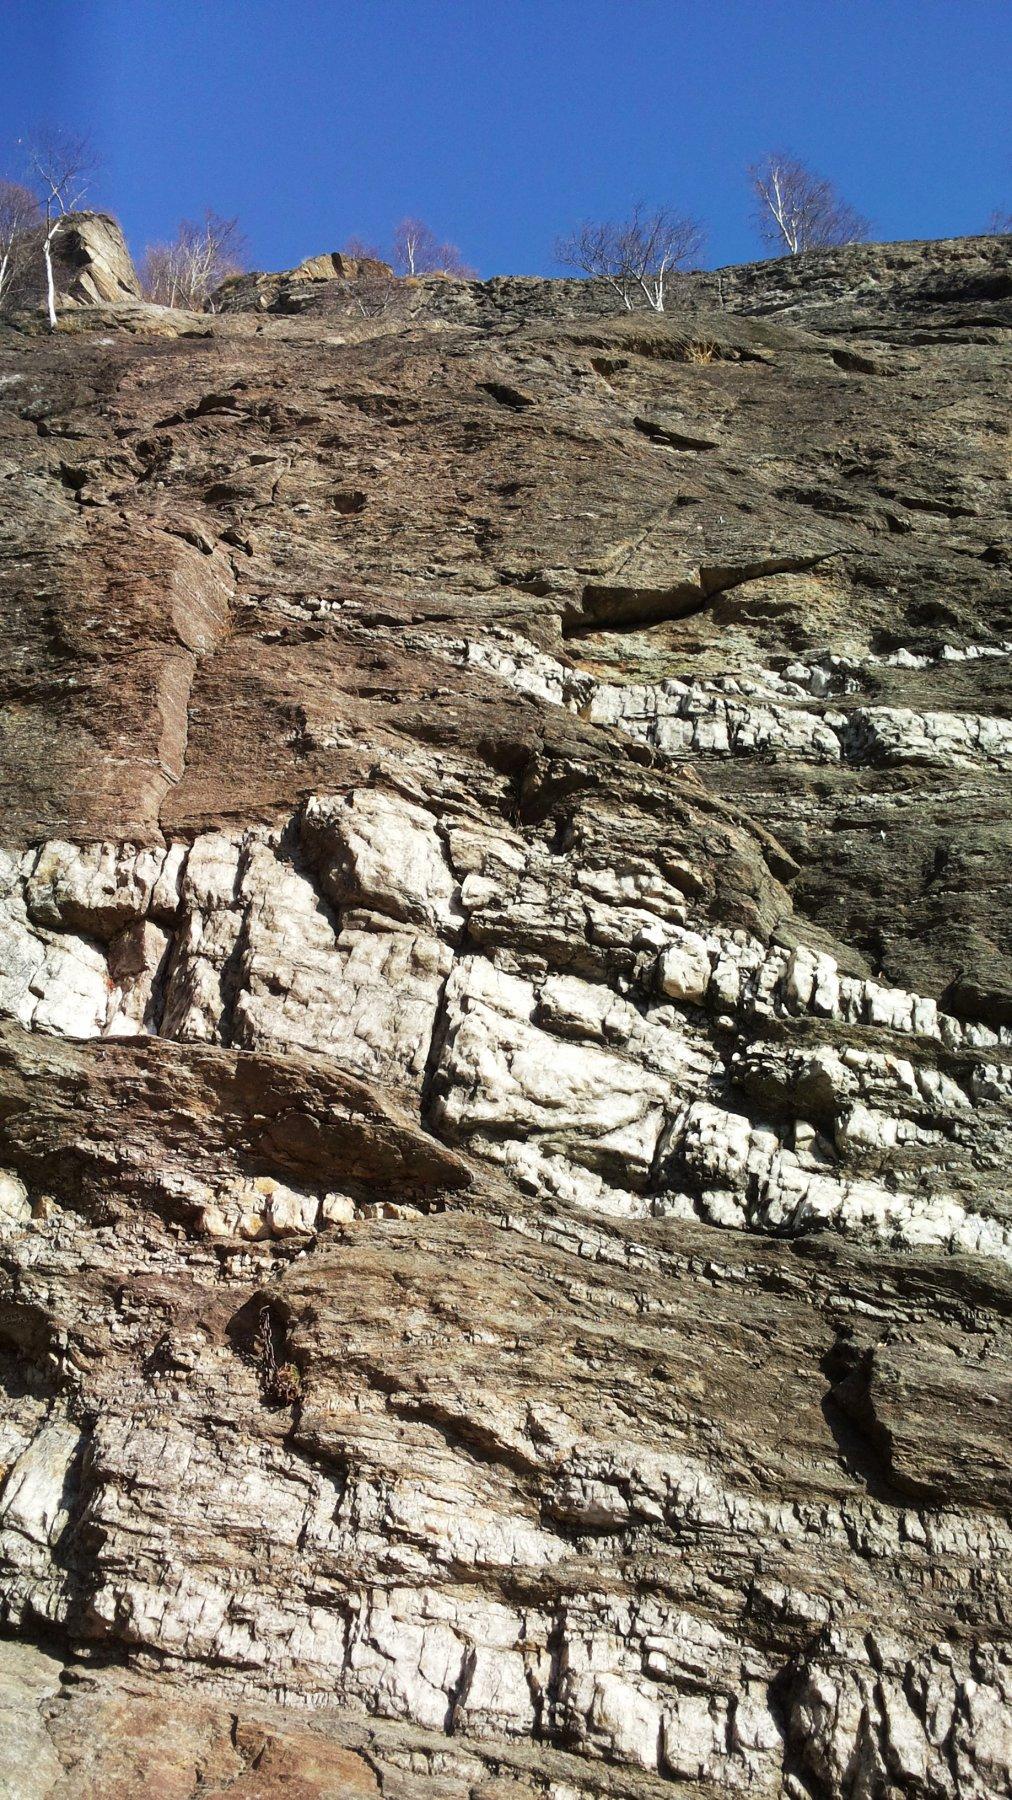 il secondo salto dal basso, con le caratteristiche vene di quarzo